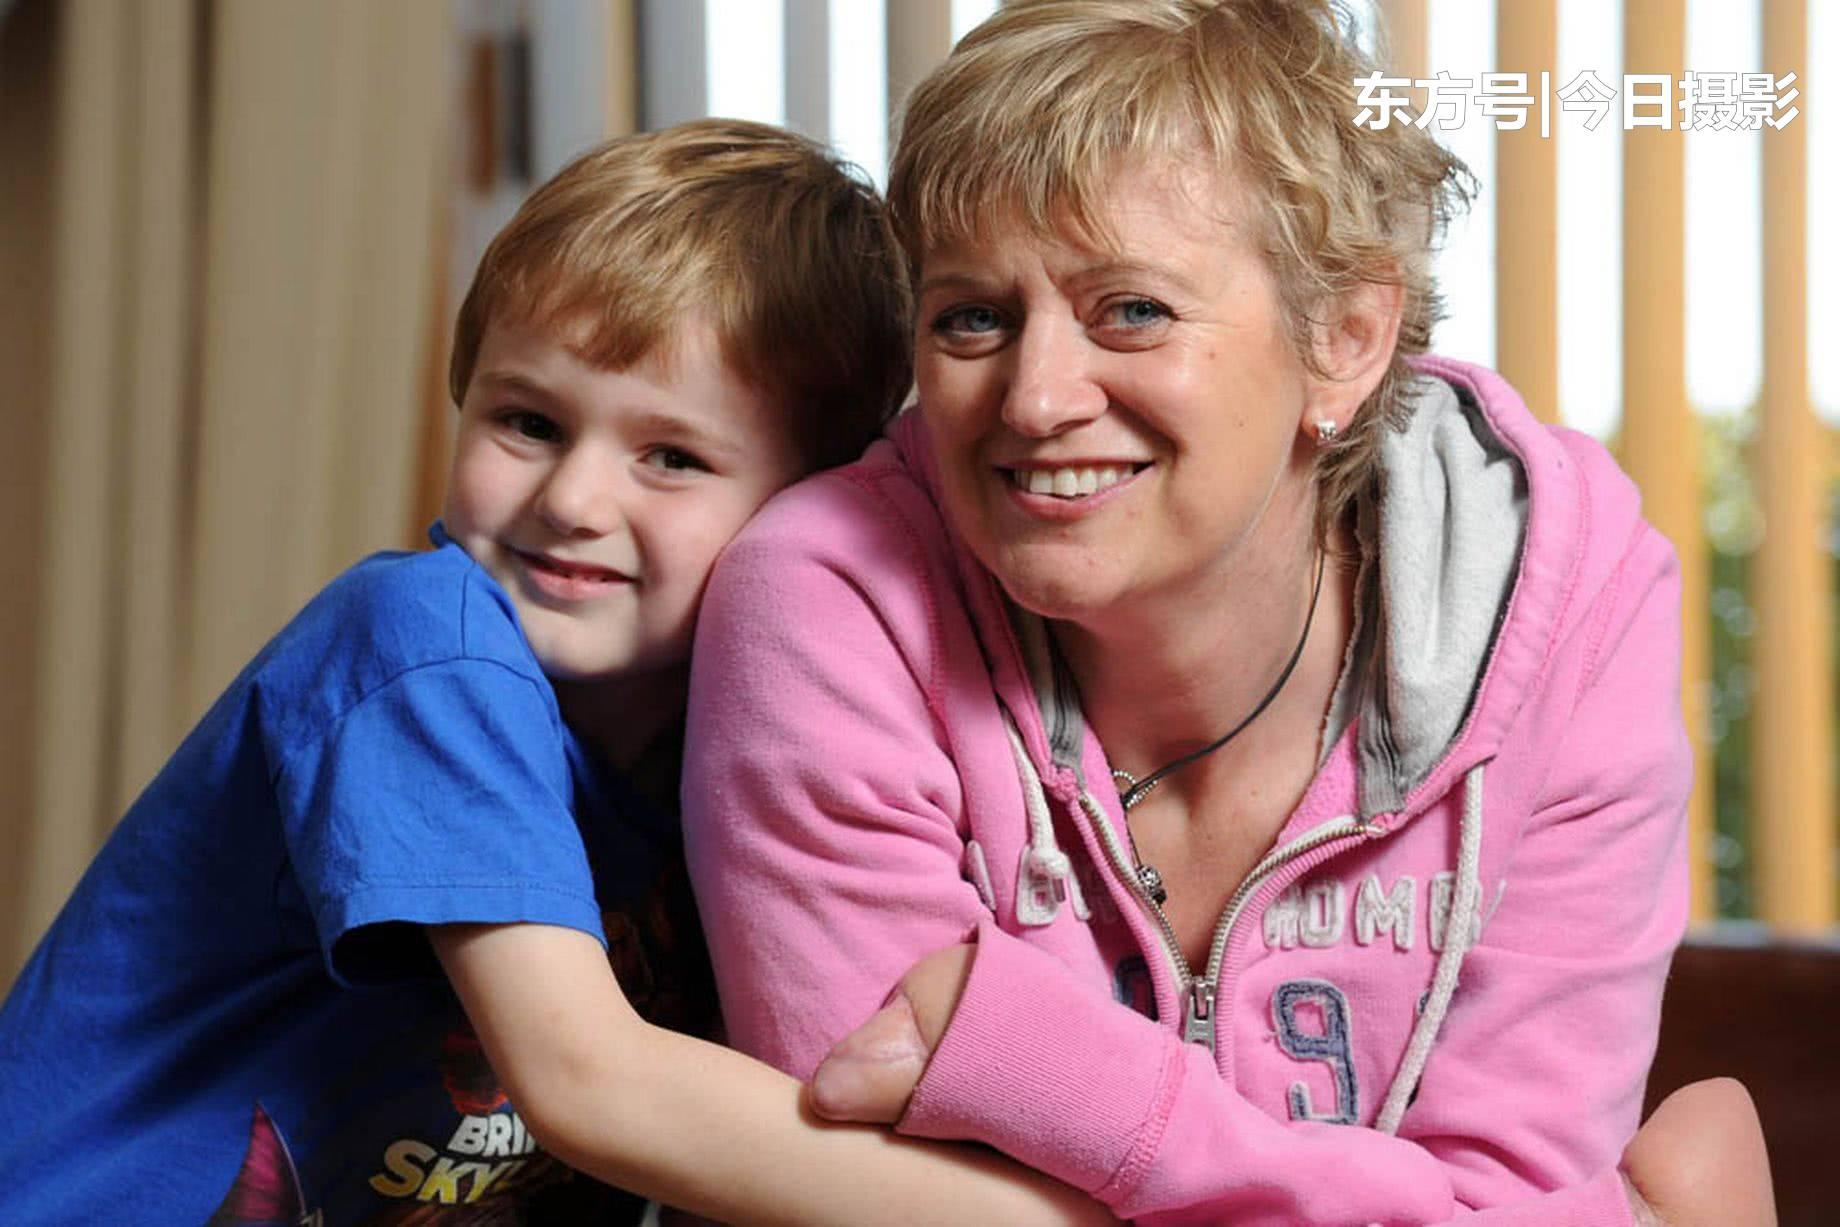 英国48岁母亲意外患病四肢被截,希望可以摸摸儿子的小手